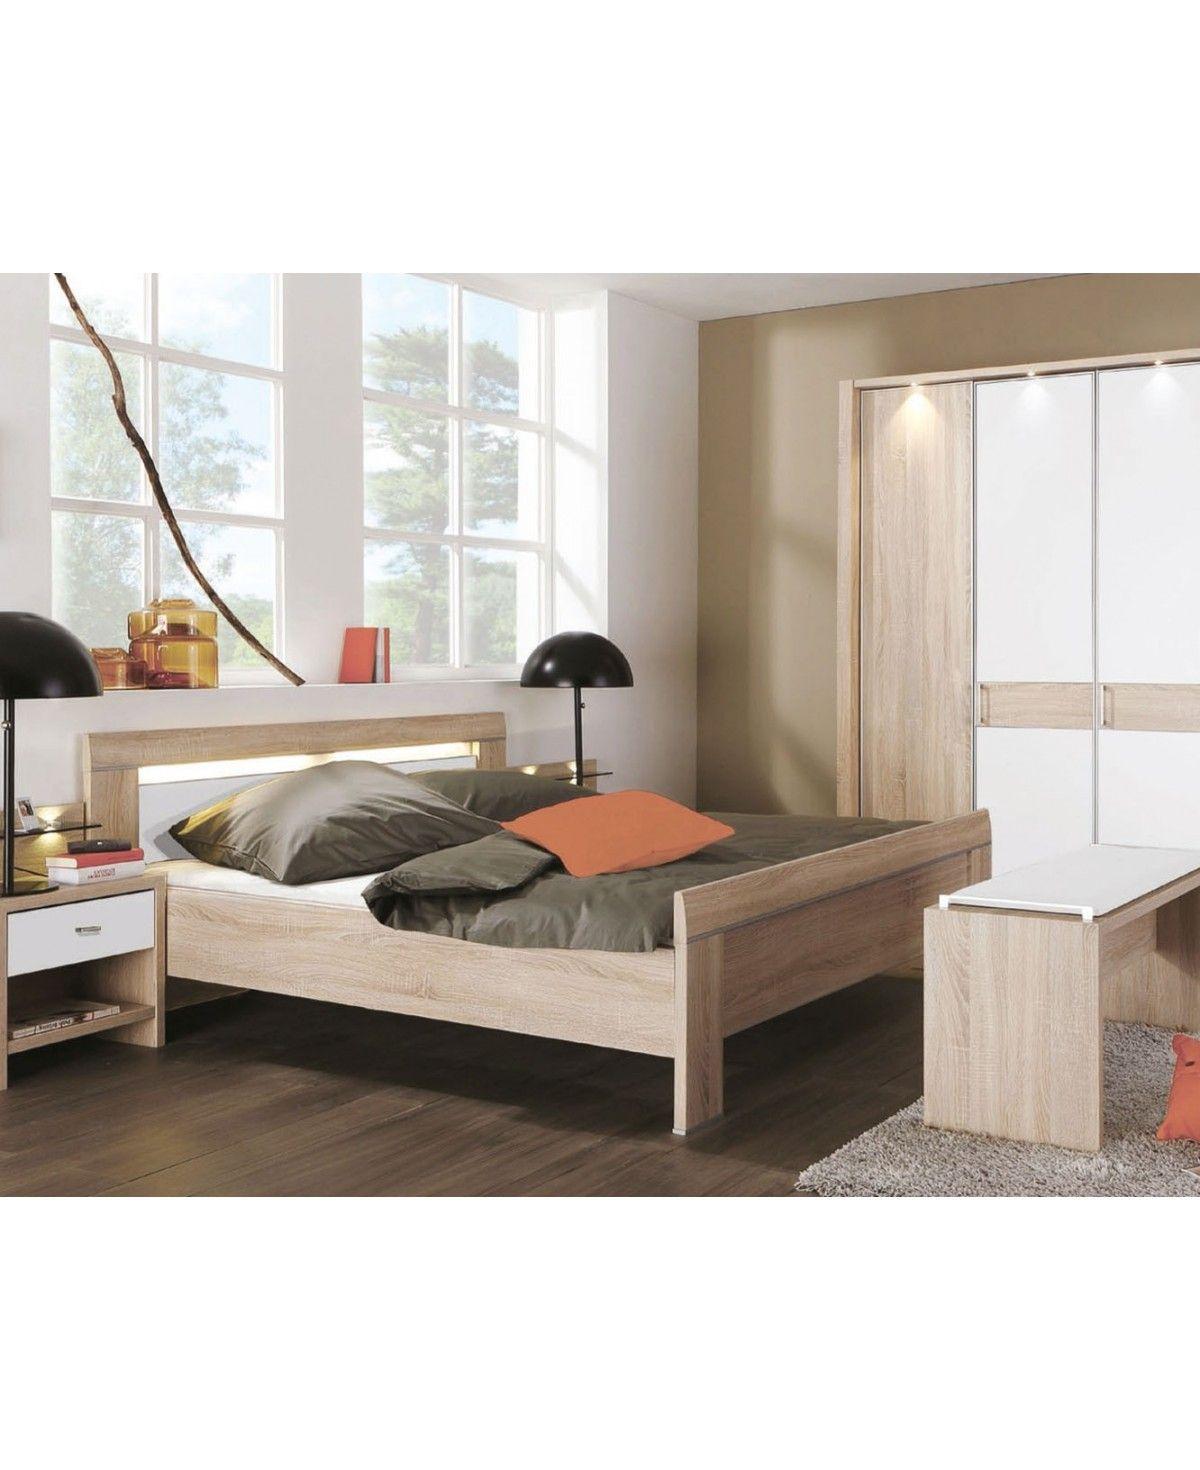 WIEMANN Schlafzimmer Donna Eiche sägerauh Nachbildung 180x200